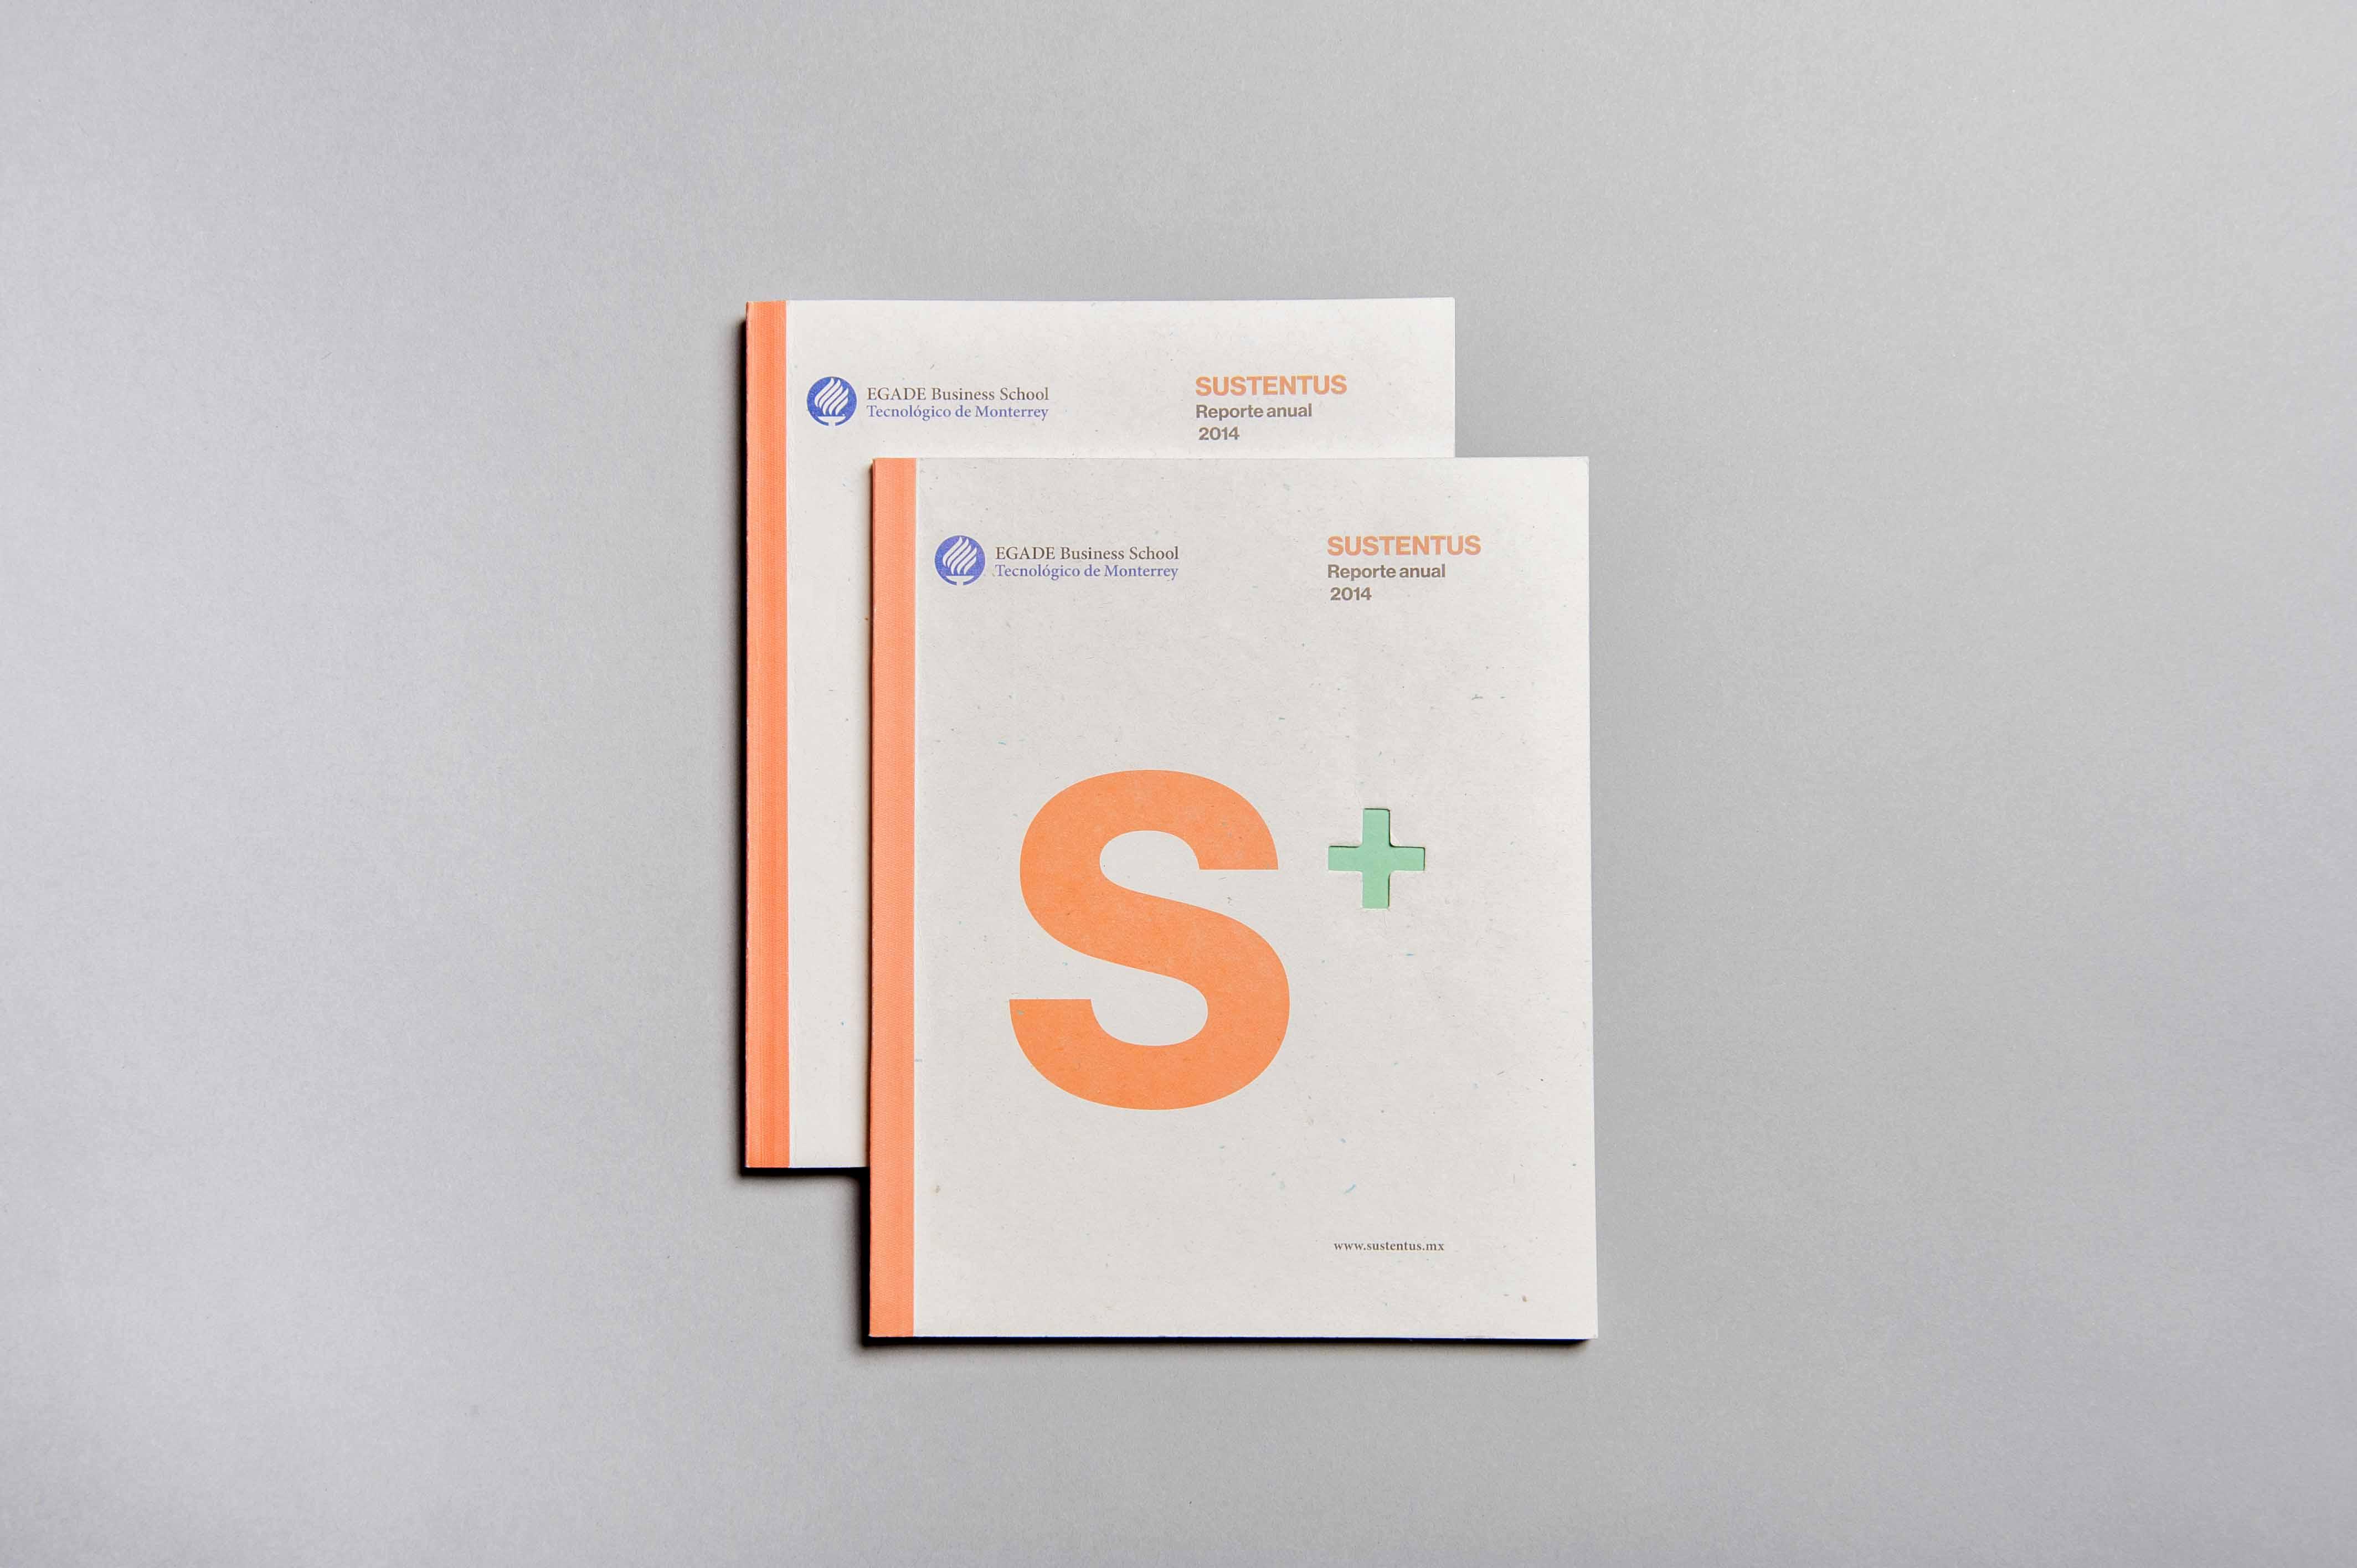 商学院宣传册设计欣赏